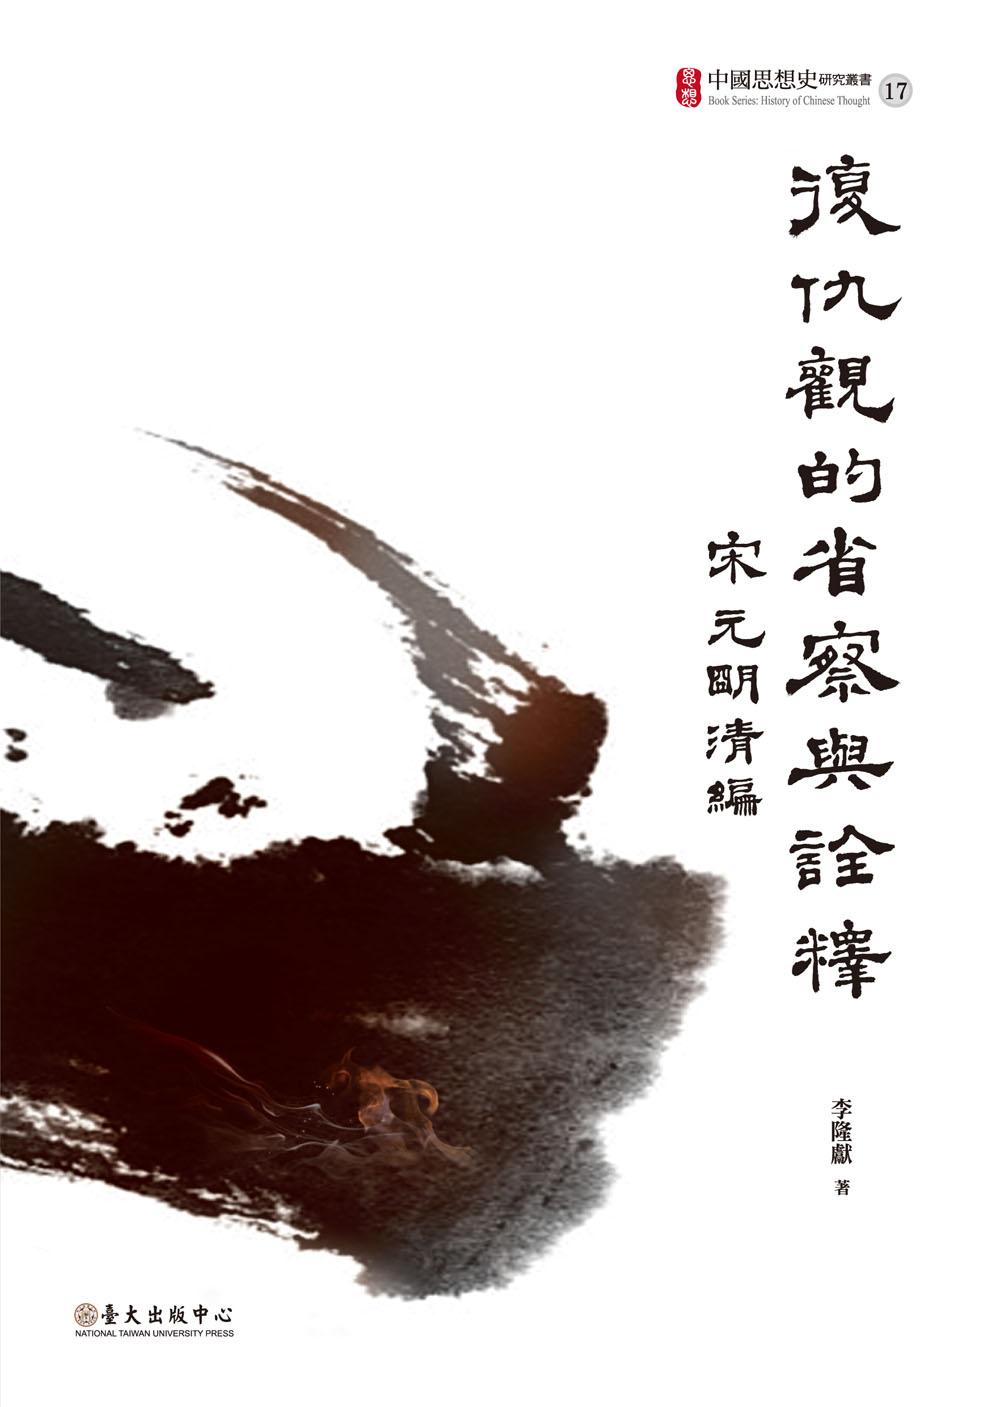 復仇觀的省察與詮釋──宋元明清編